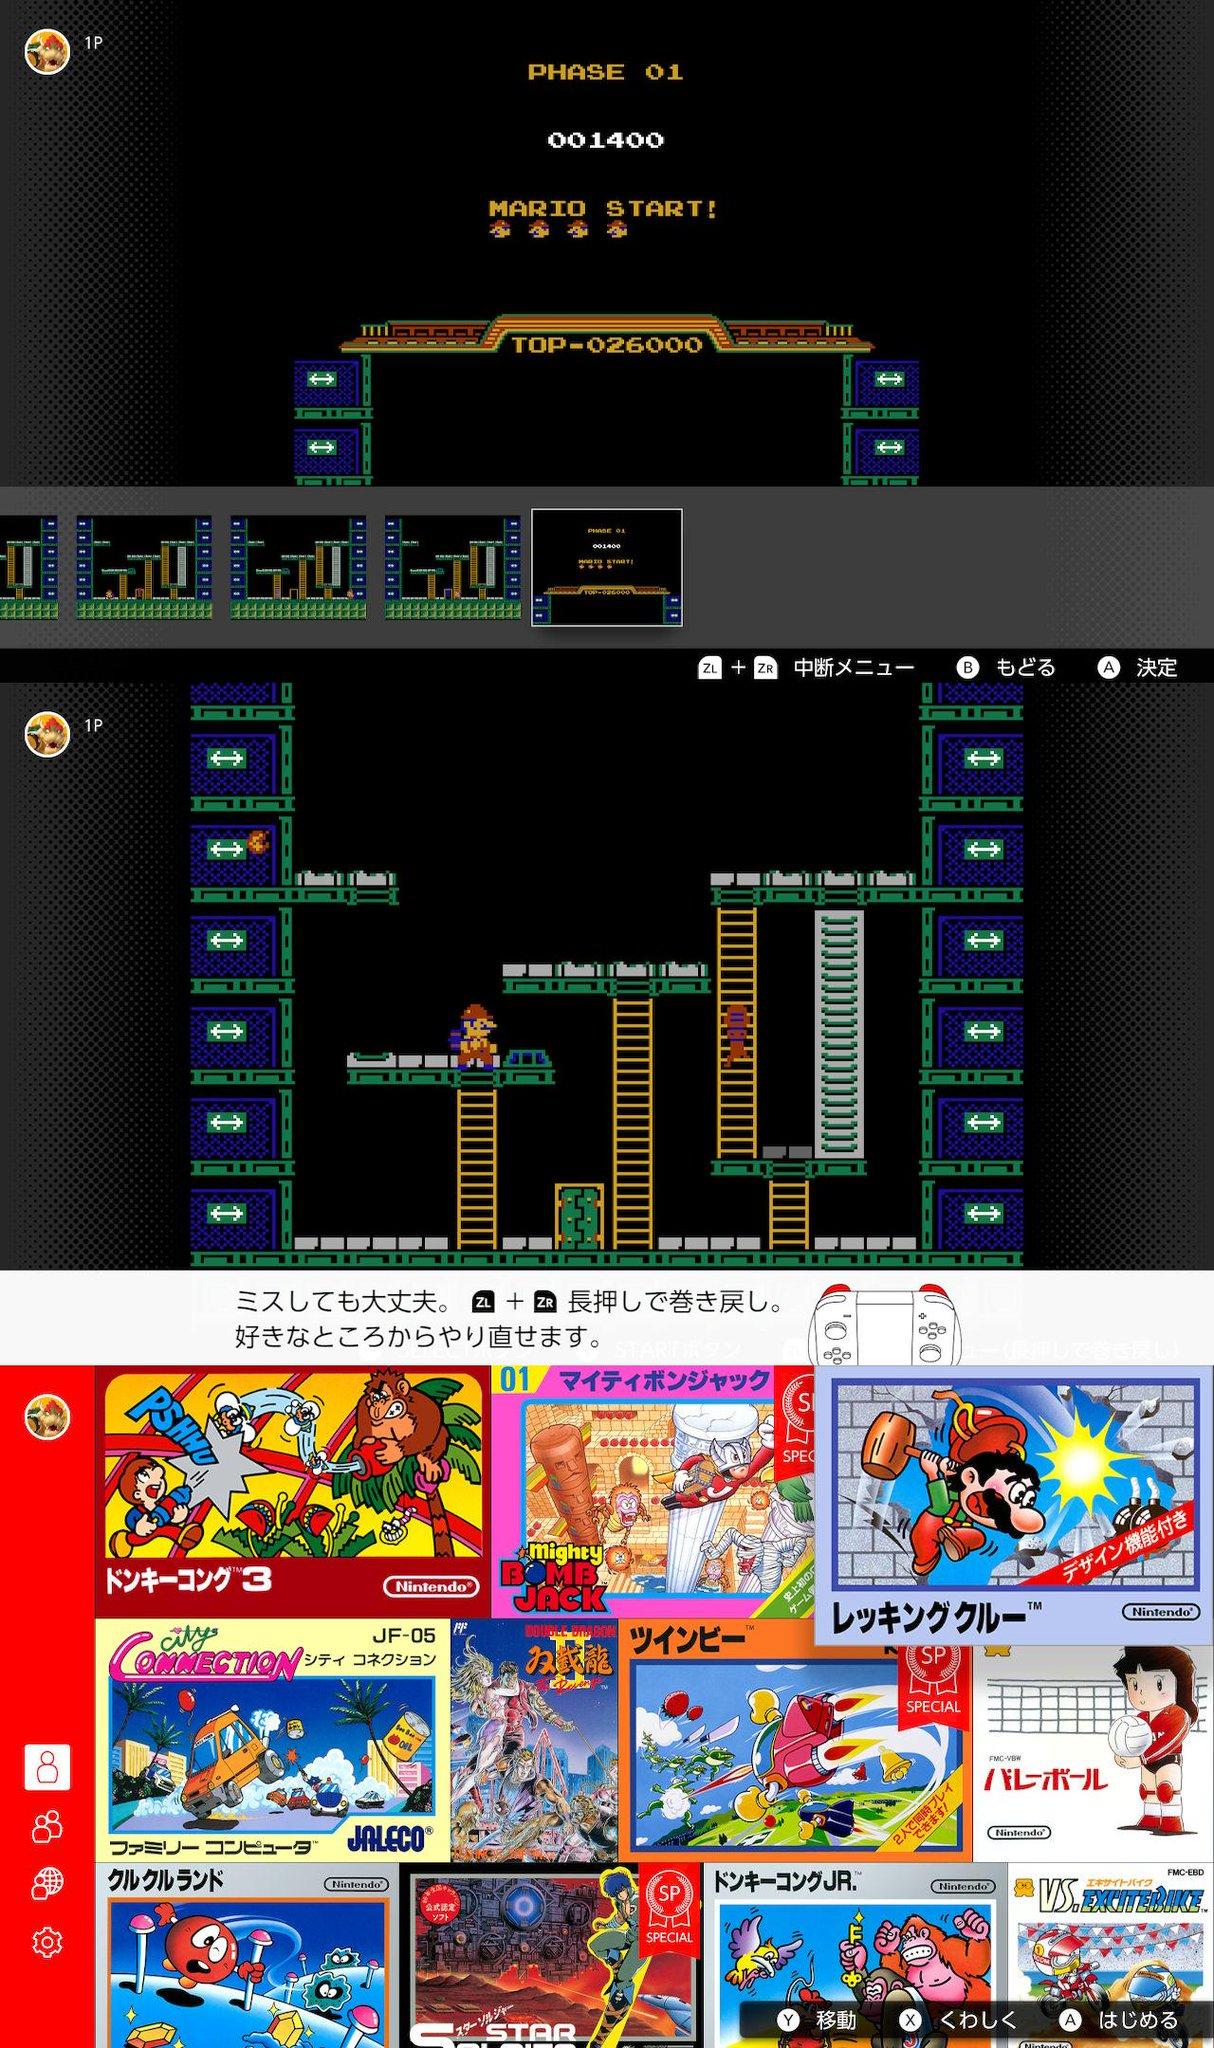 『ファミリーコンピュータ Nintendo Switch Online』にレッキングクルーが追加されてて、巻き戻し機能なんてものも増えてた。 #NintendoSwitch https://t.co/XcjNwSC3fC